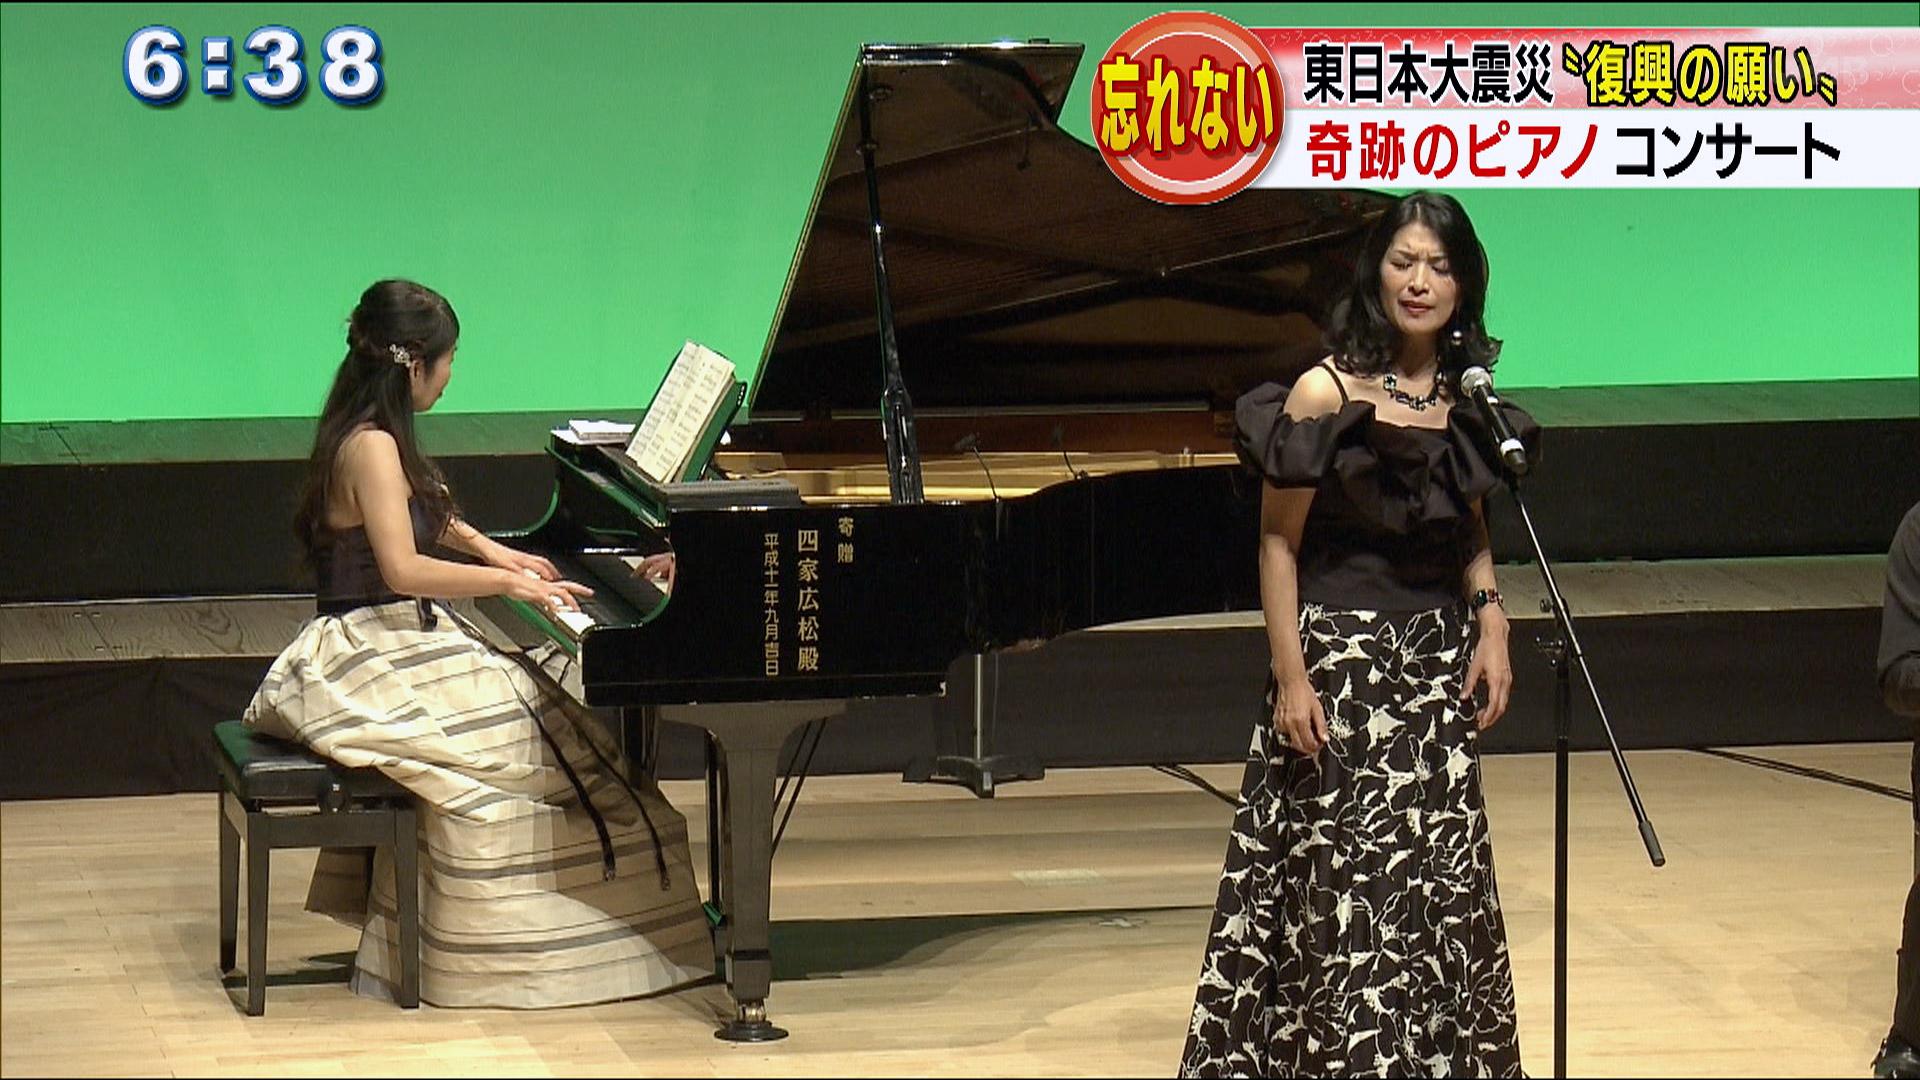 奇跡のピアノコンサート沖縄初開催